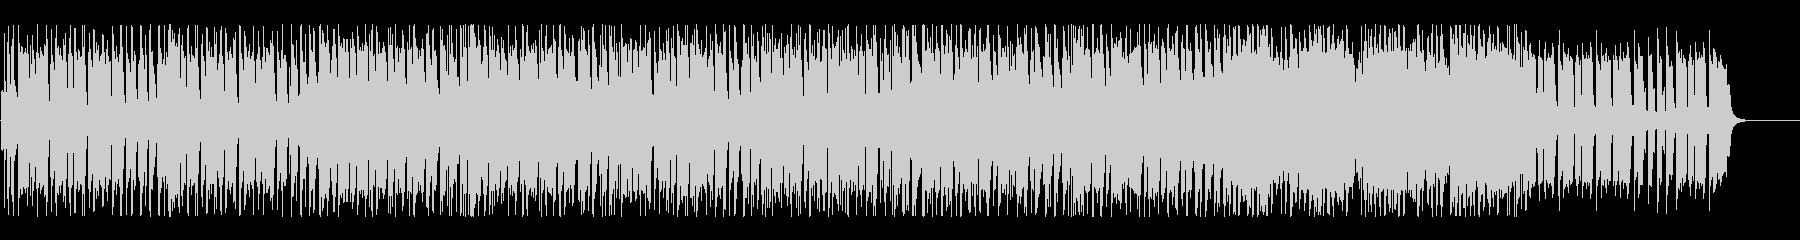 オーディオドラマ向けBGM/日常2の未再生の波形